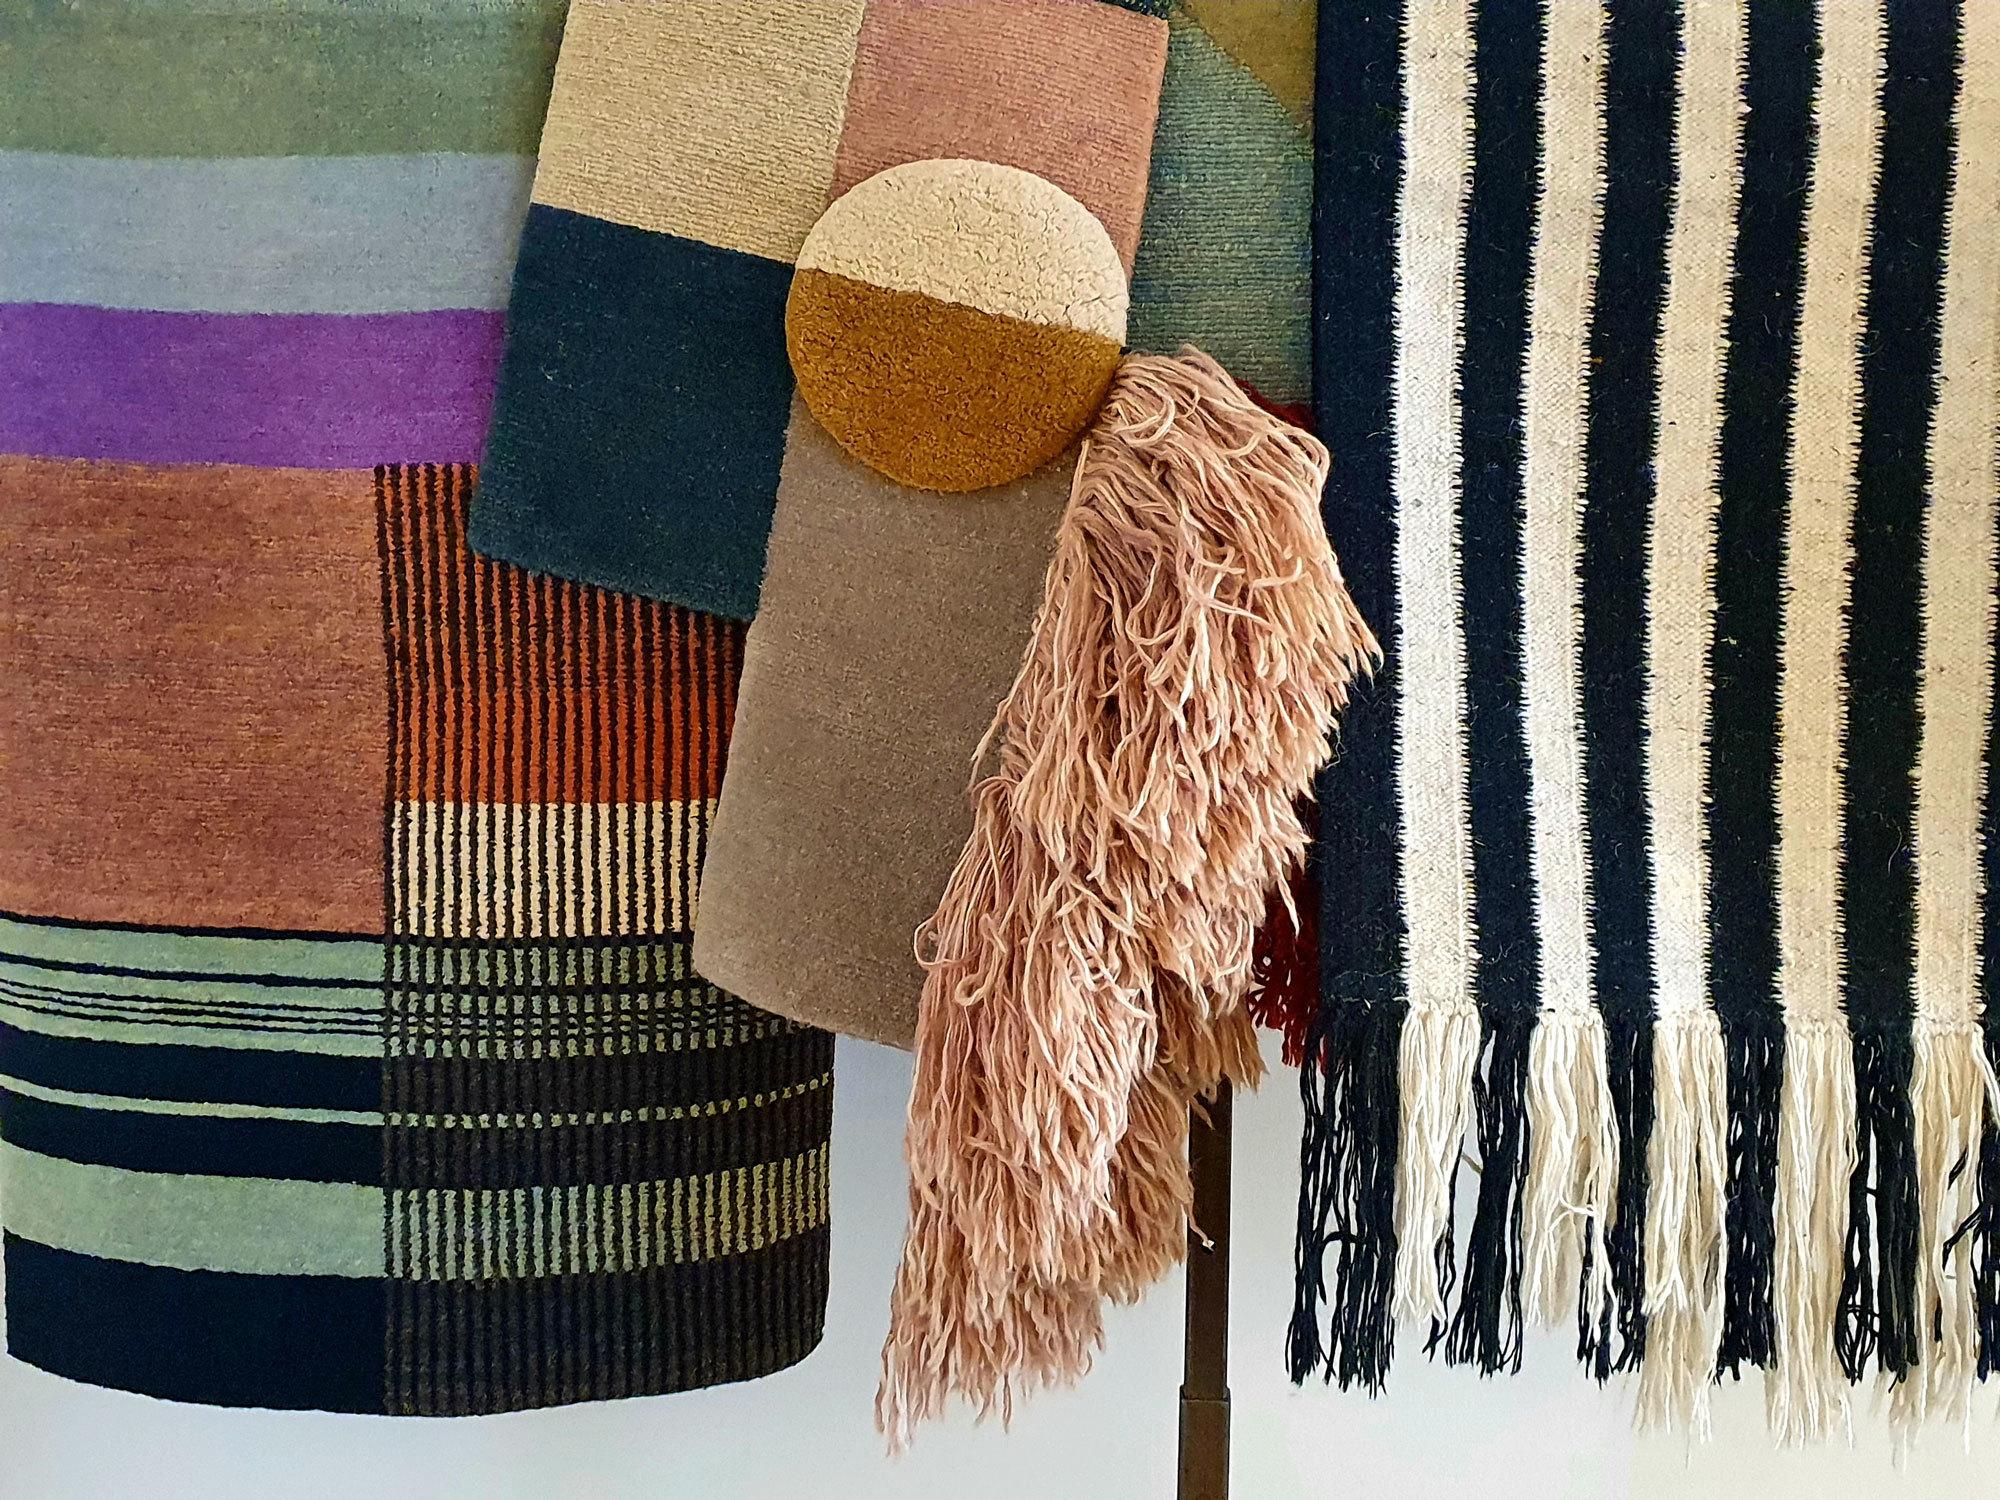 Streifen & Wollpuschel: Wanddekoration aus Lyk-Carpet-Teppichen im Studio. Foto/ Copyright: Claudia Simone Hoff